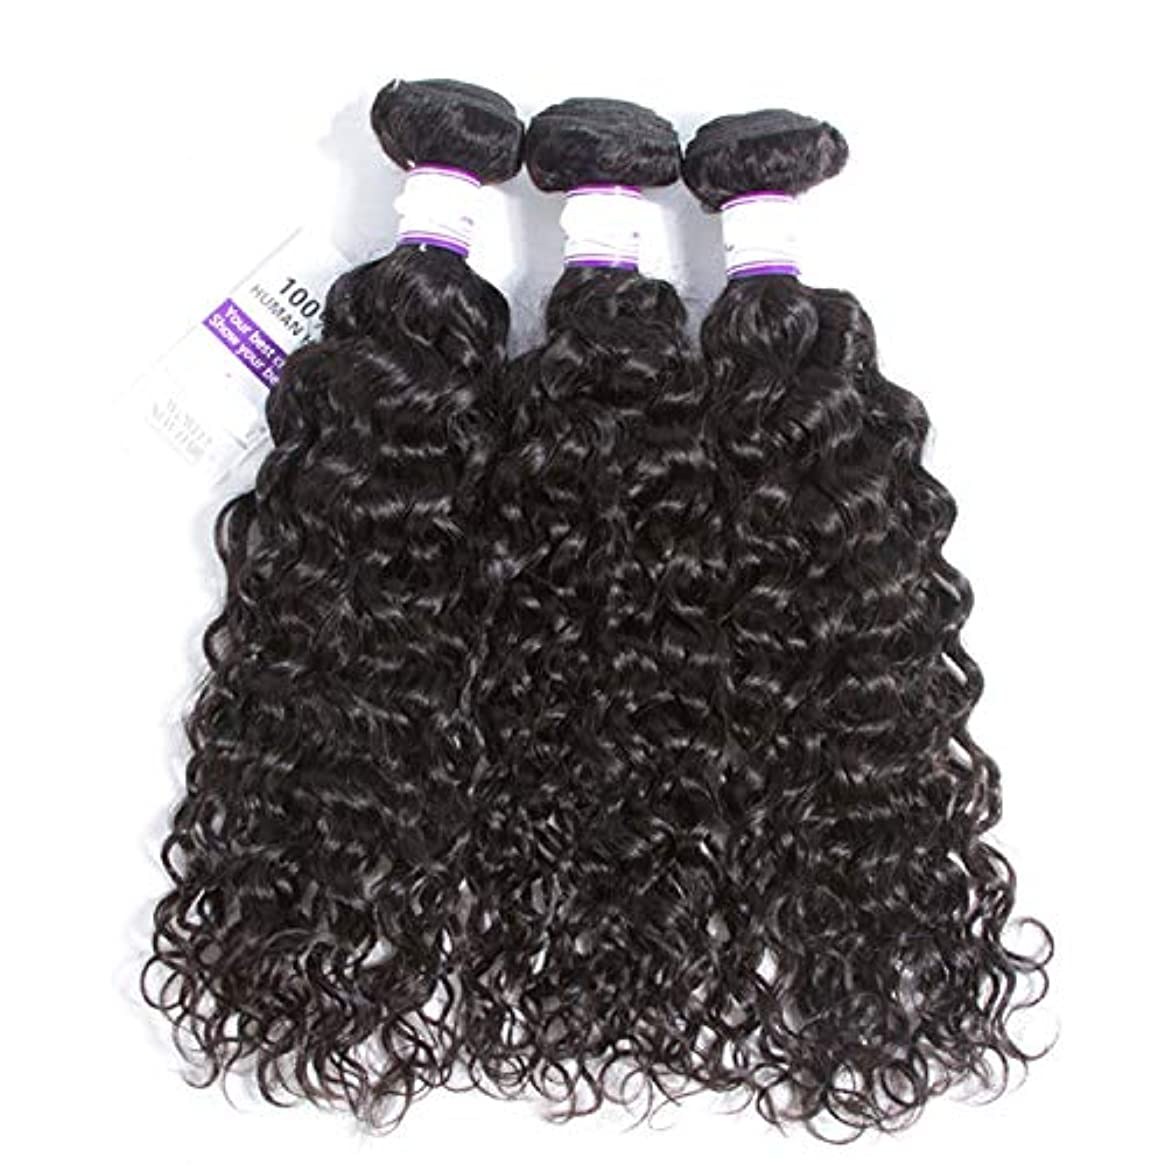 寛大さ生産性標高インドの水波実体髪3バンドル髪織り100%人間のremy髪横糸8-28インチ体毛延長 かつら (Length : 14 16 18)